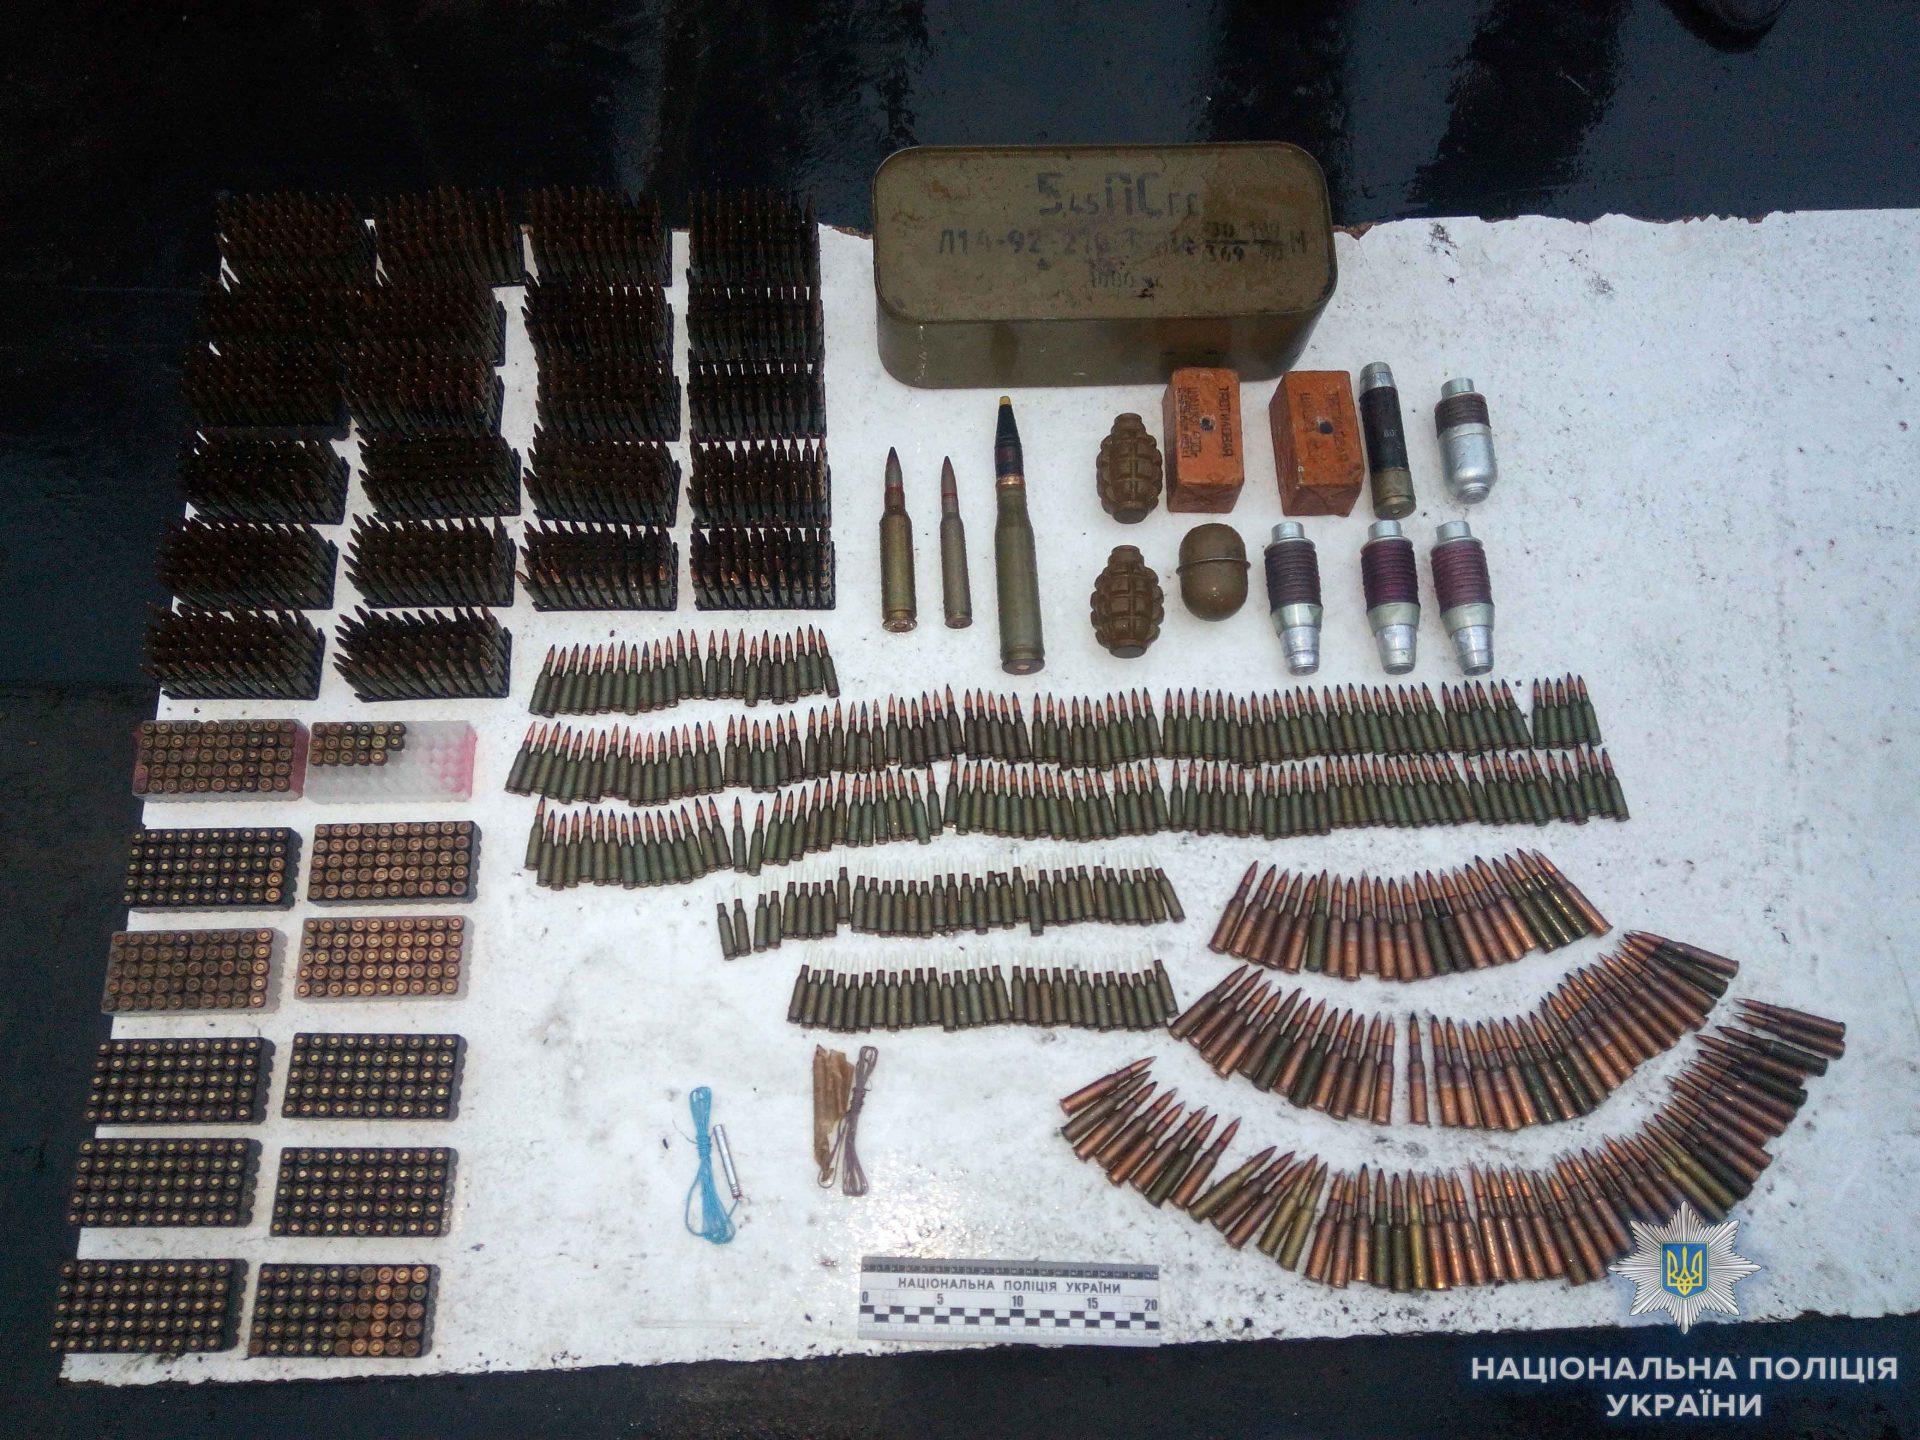 На Кіровоградщині викрили чоловіка, який мав великий арсенал боєприпасів та вибухівки. ФОТО 2